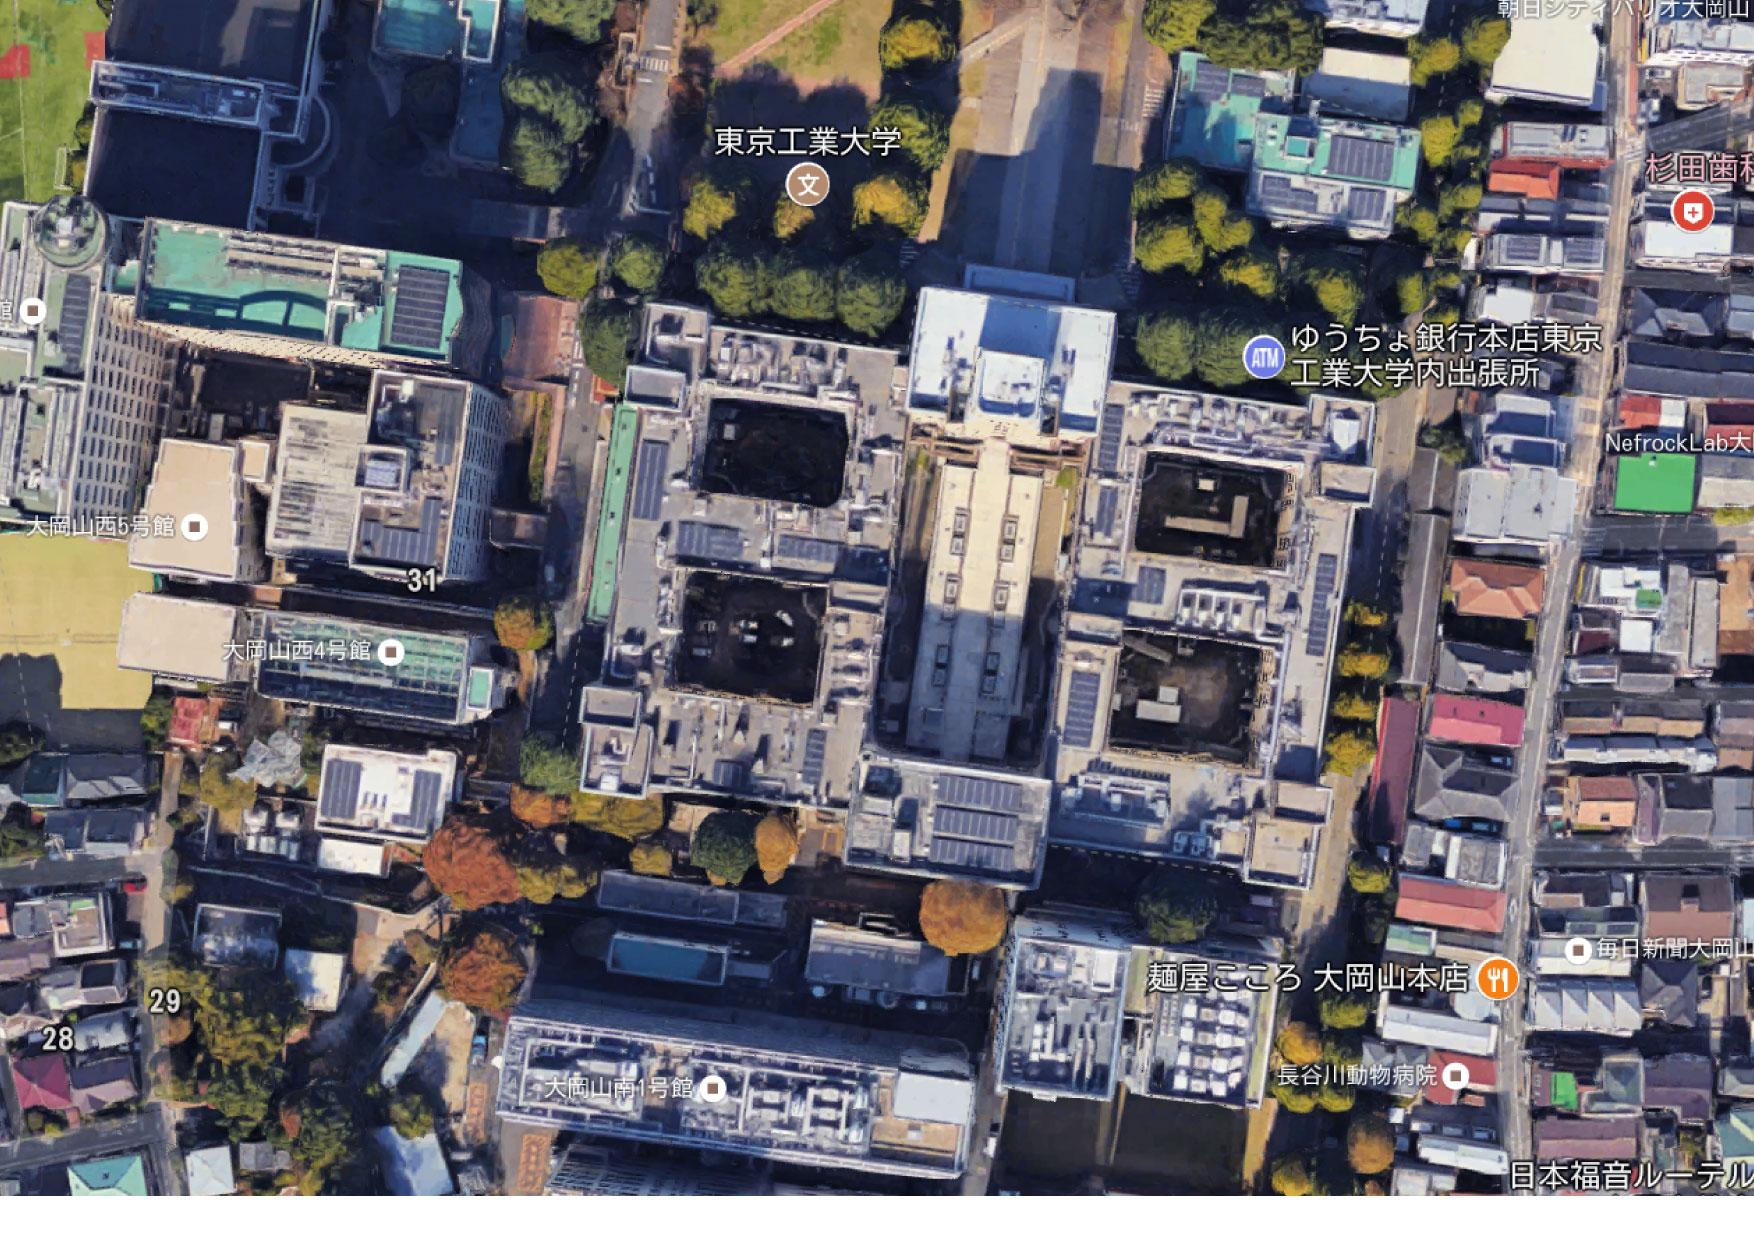 東京工業大学(東工大)本館の空撮 Google Earthより 直上からの眺め